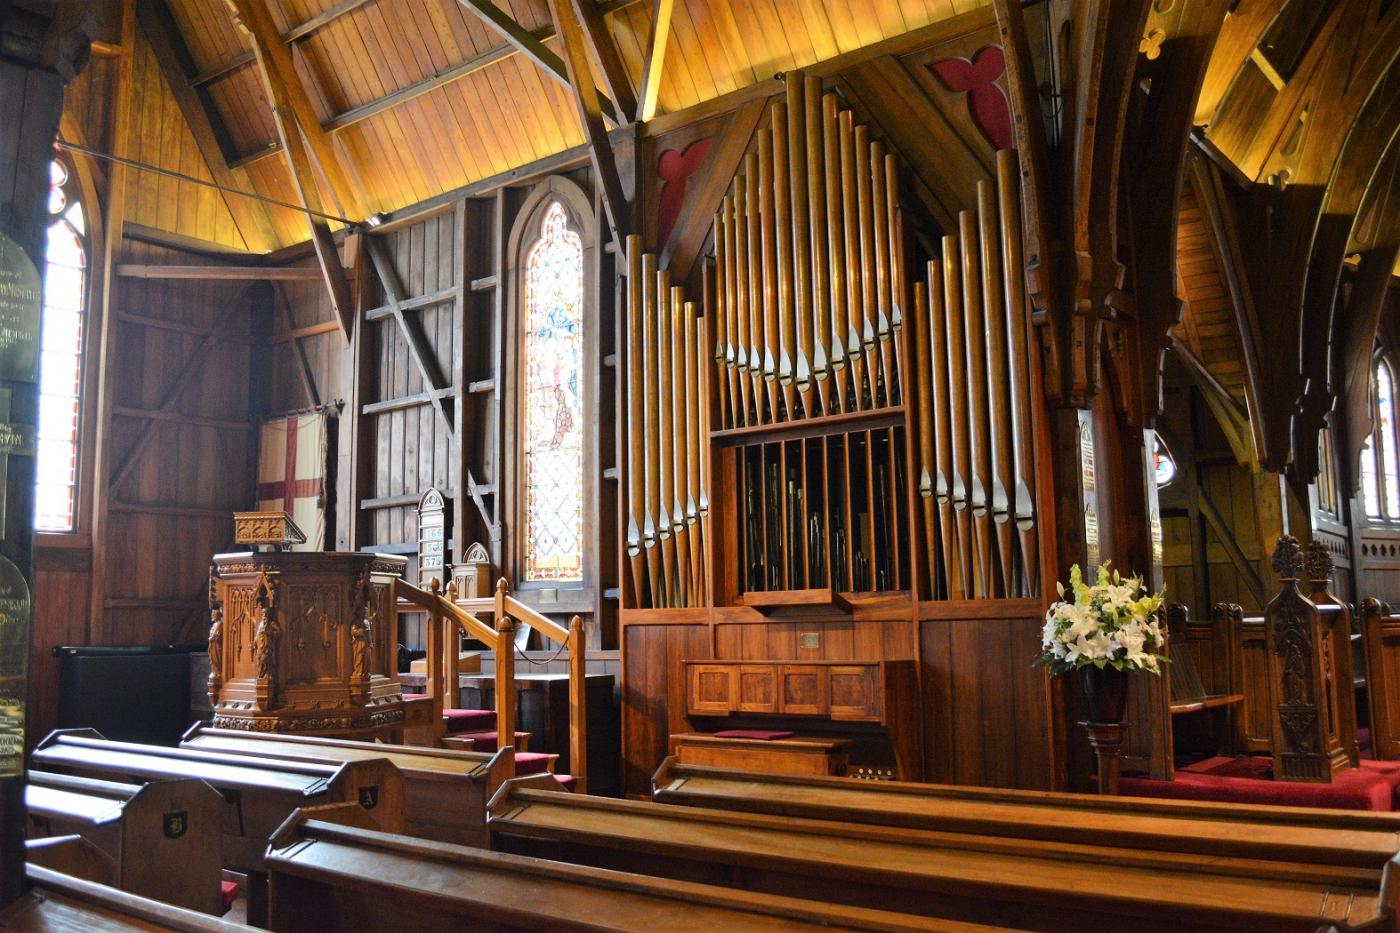 新西兰惠灵顿 Old St. Paul's 老圣保罗教堂_图1-9